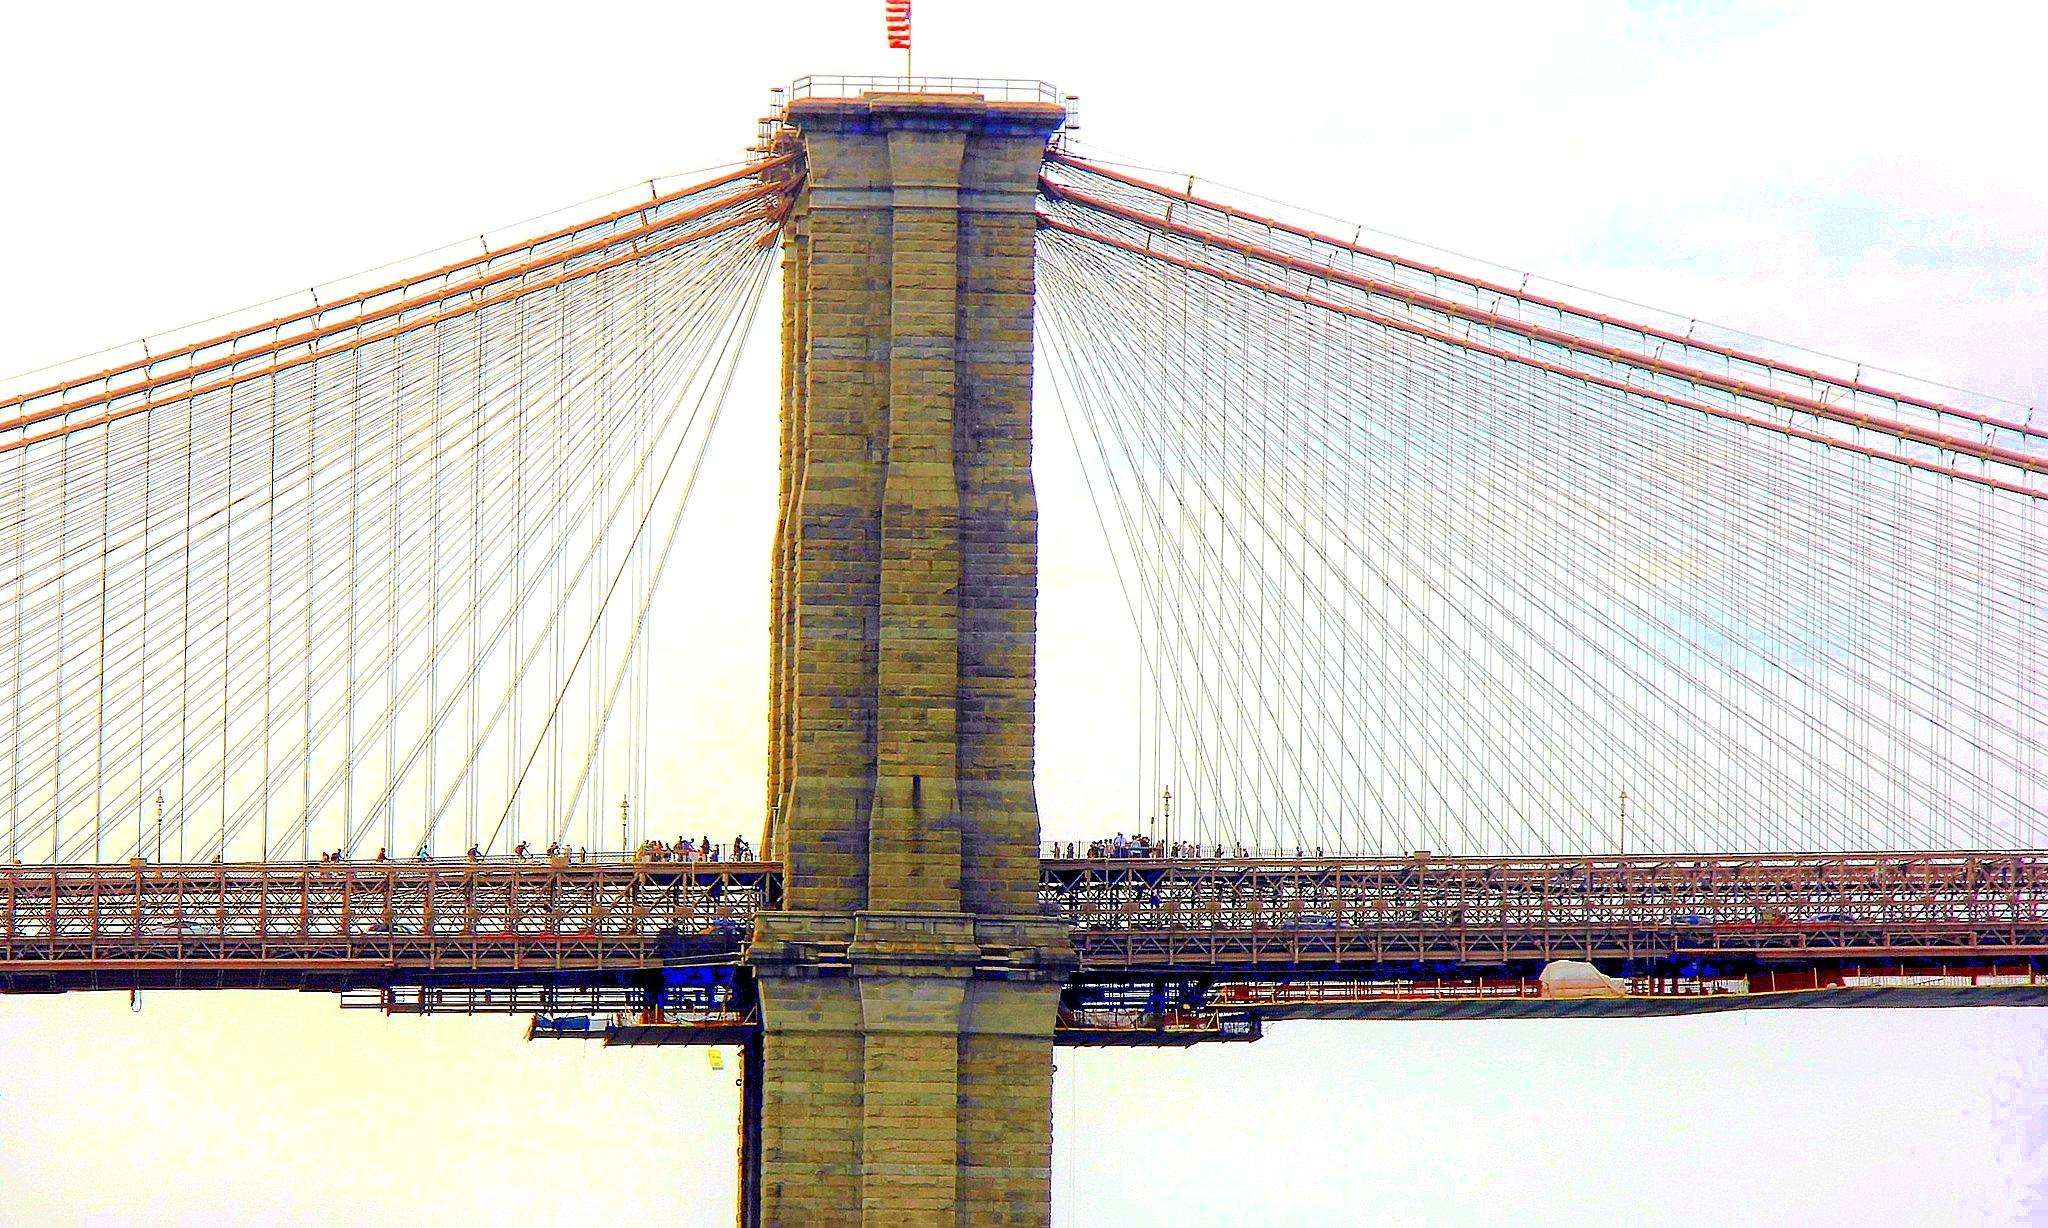 Brooklyn bridge by Adam Wyciszkiewicz